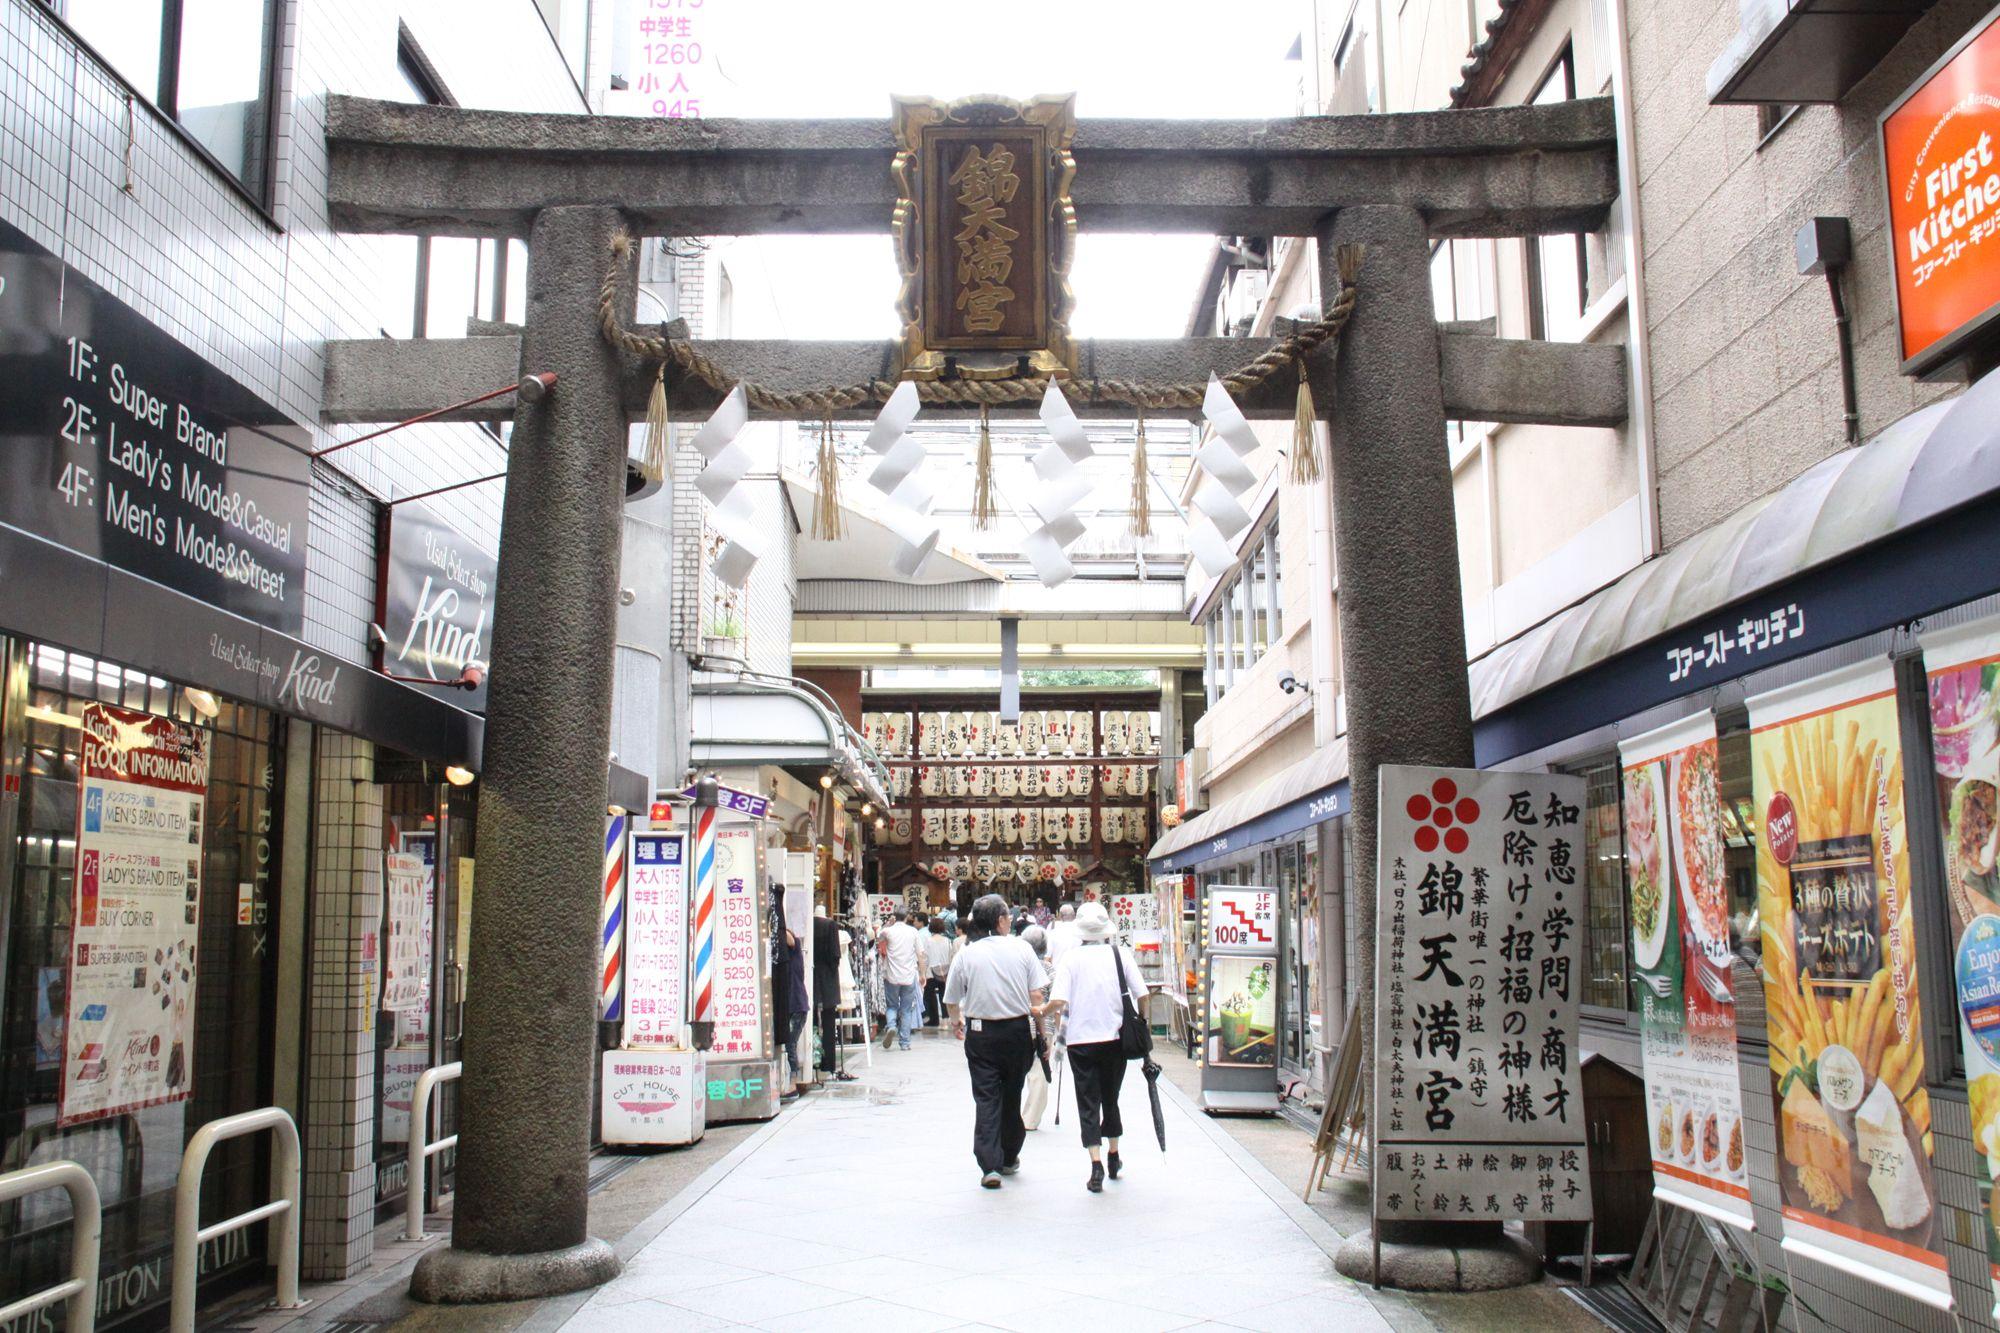 錦市場の終点にある錦天満宮の鳥居。今日もズッポリ、隣のビルに刺さってます。 京都 kyoto